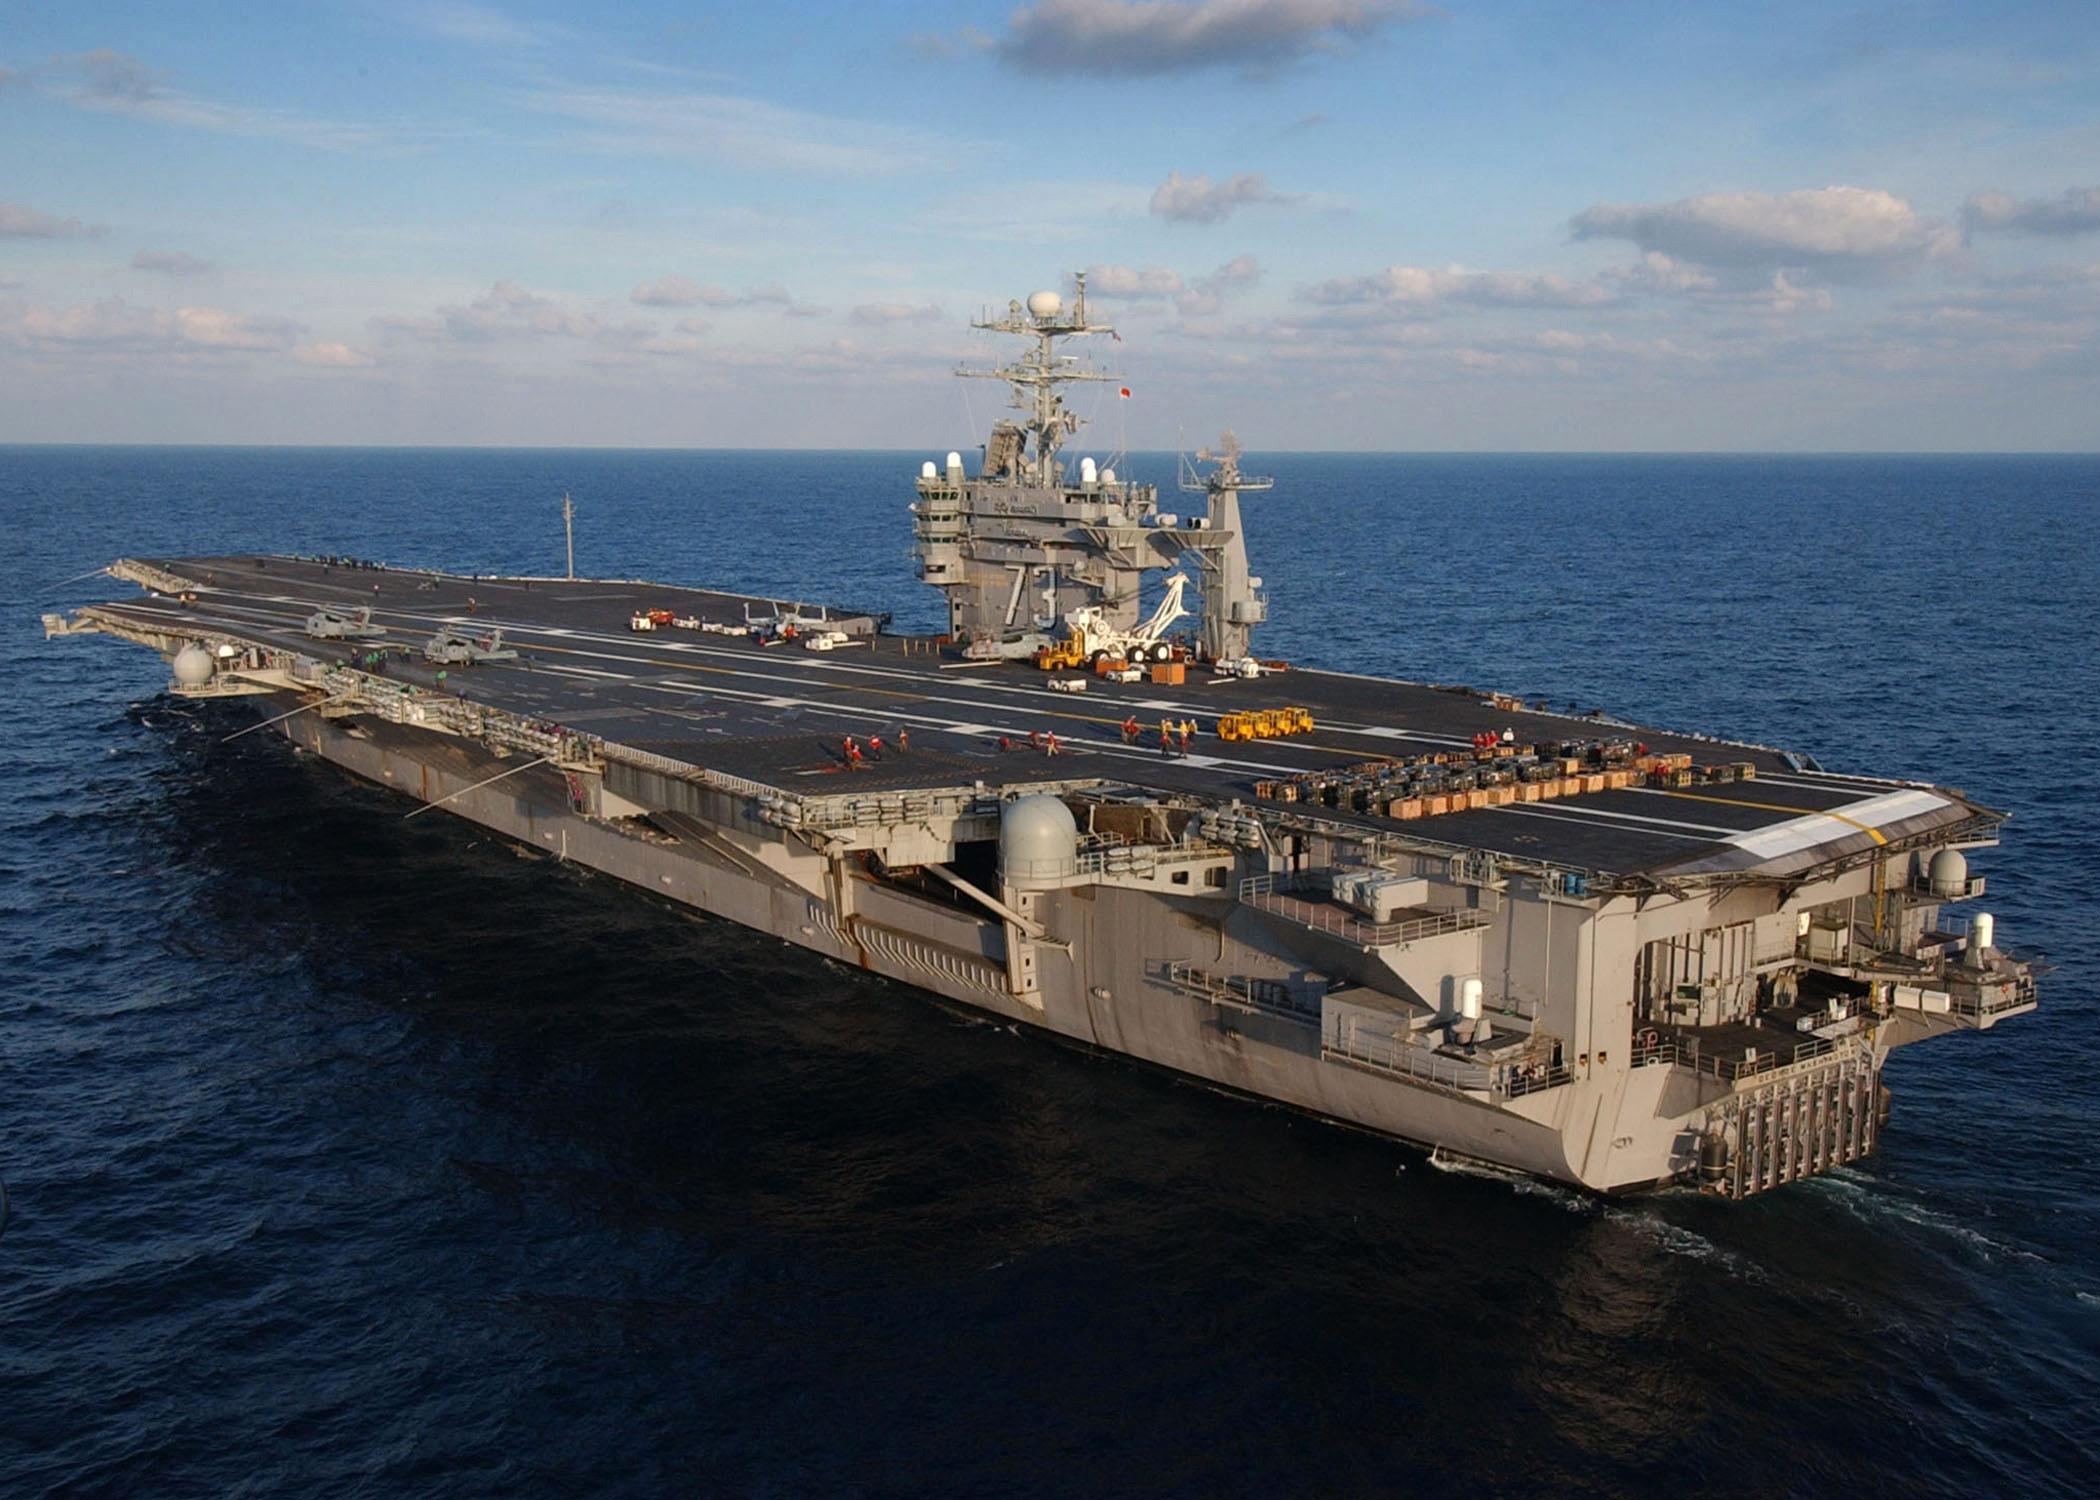 http://upload.wikimedia.org/wikipedia/commons/b/b6/USS_George_Washington_(CVN-73)_LB.jpg